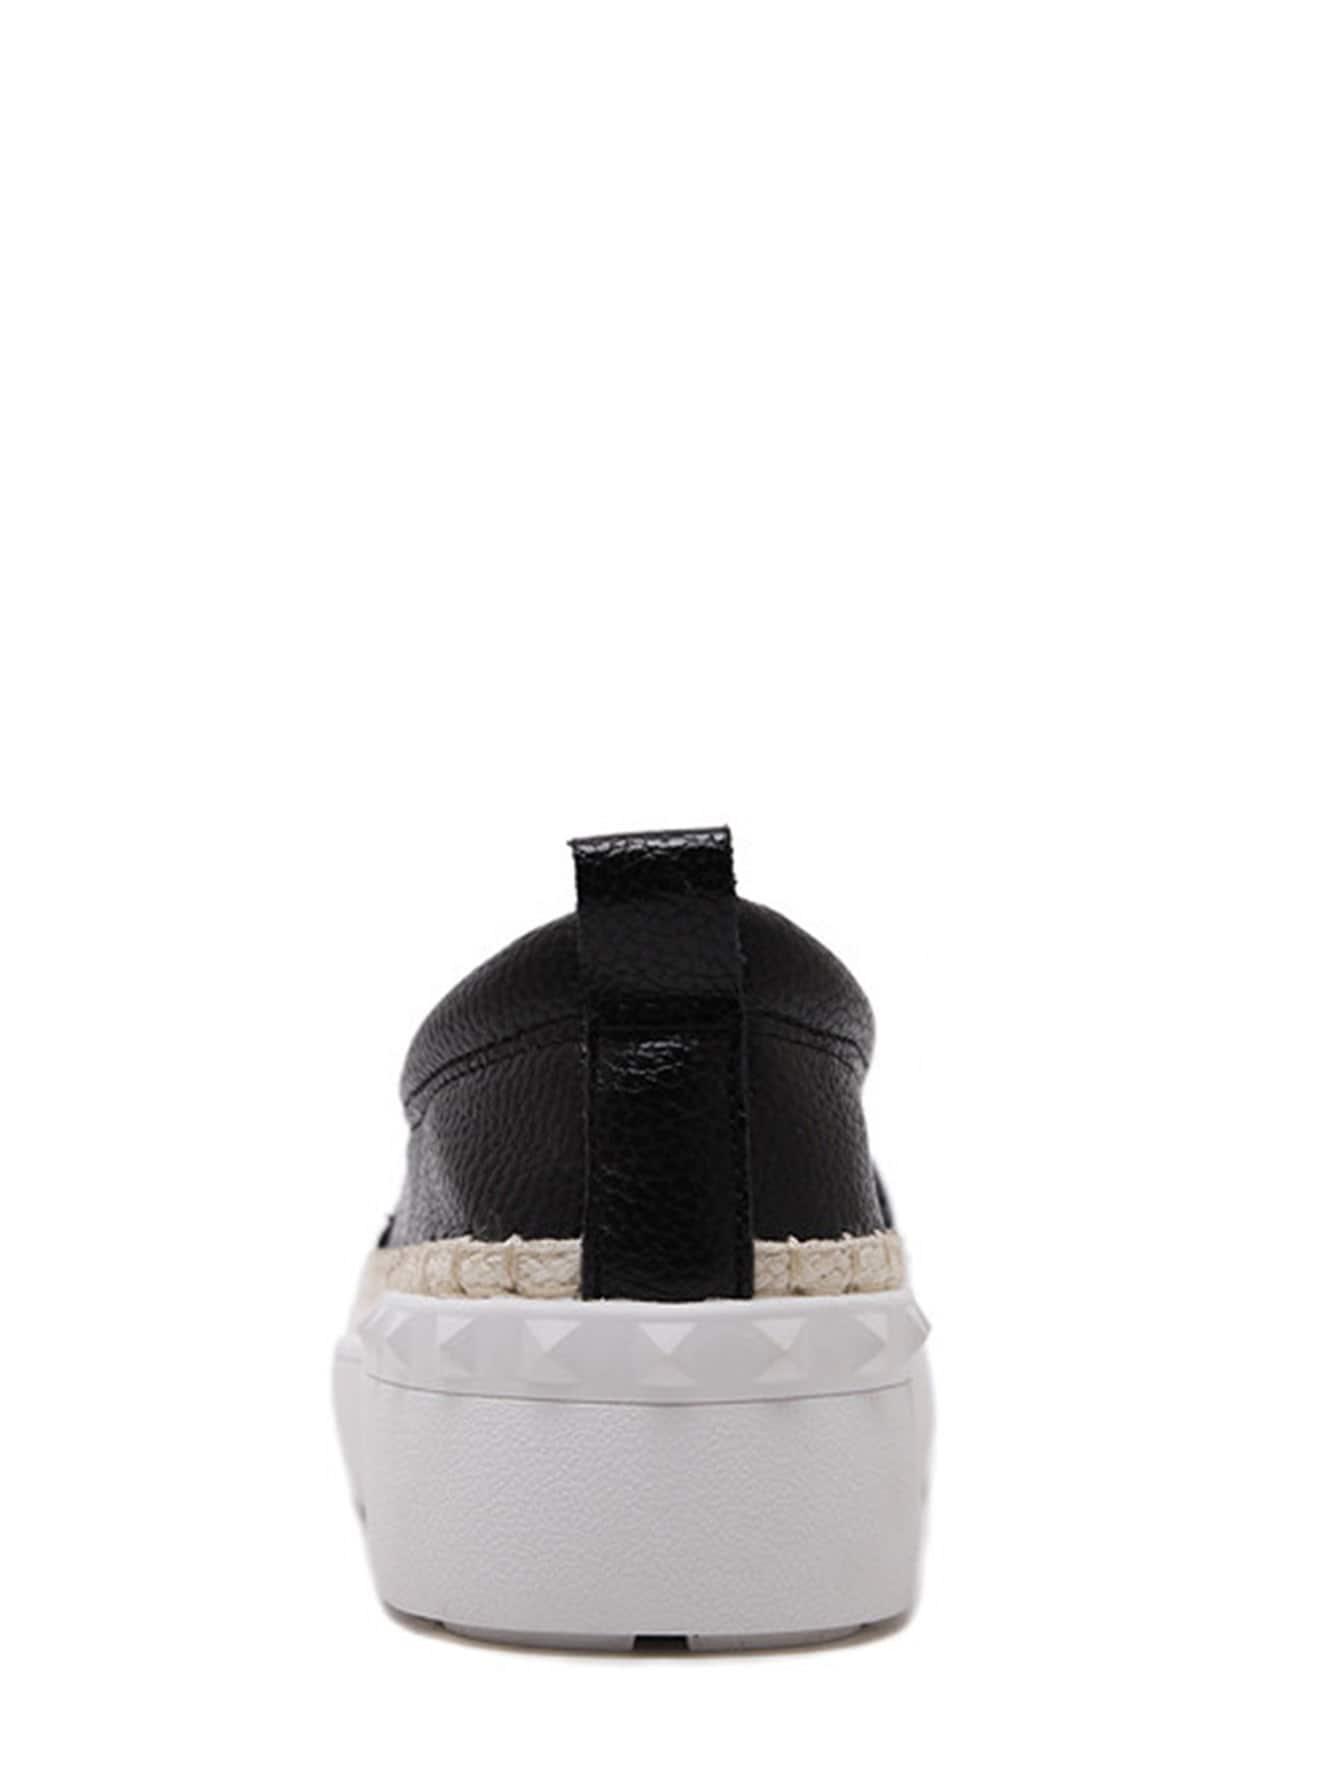 shoes161024813_2